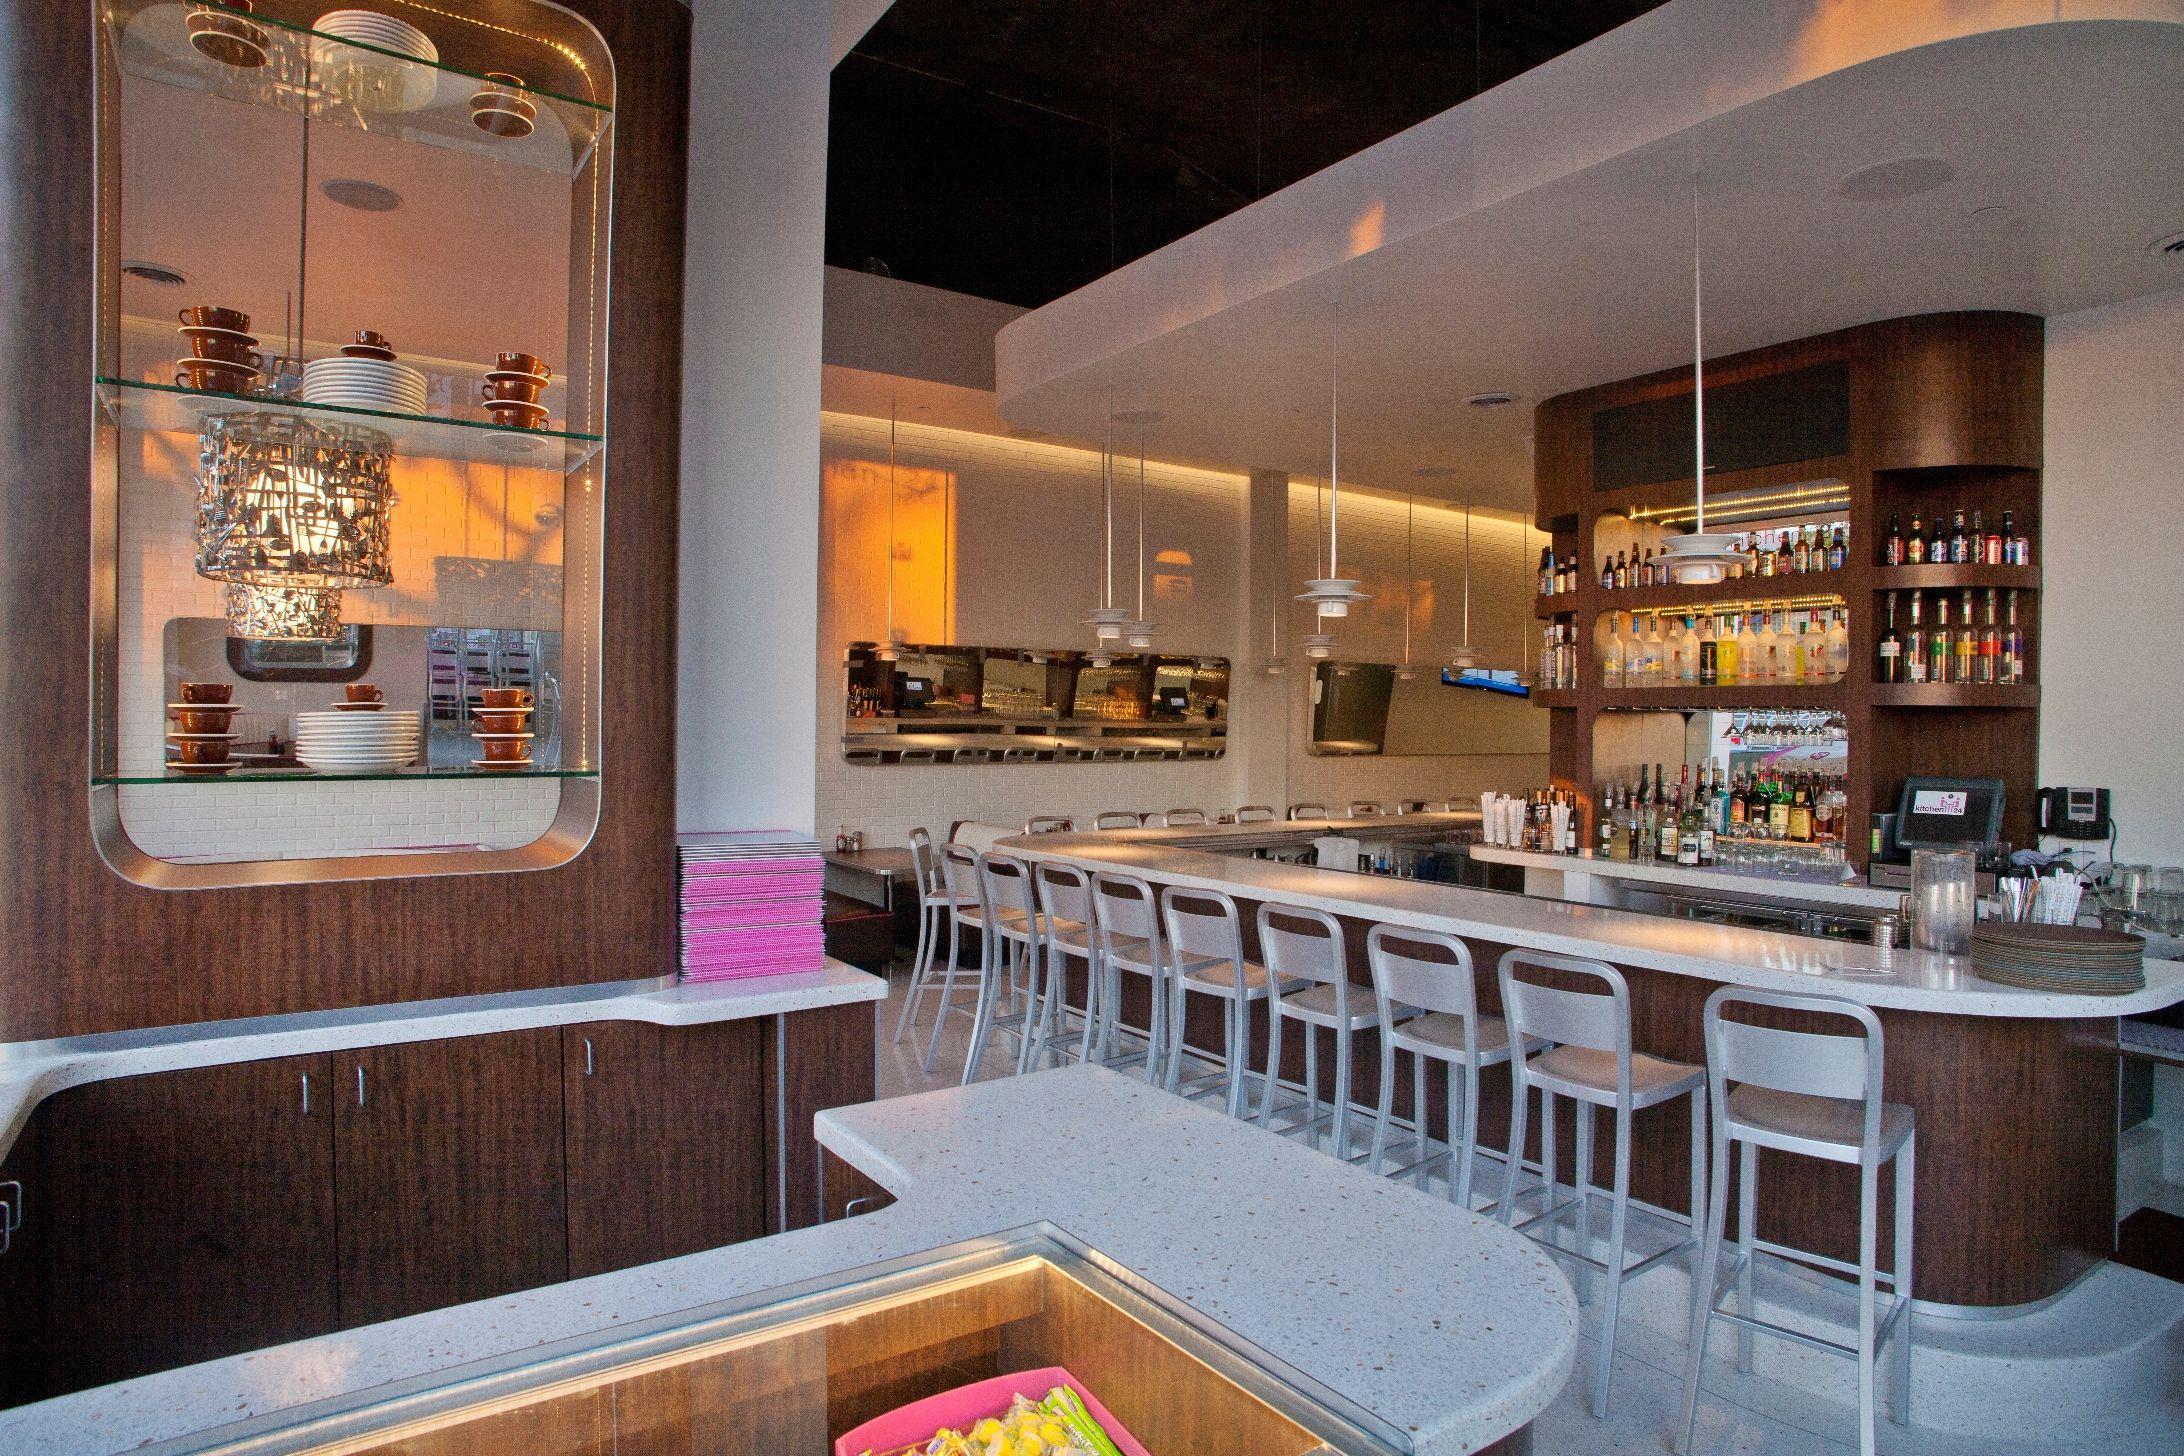 Kitchen24 Interior Restaurant Design By Spacecraft With A